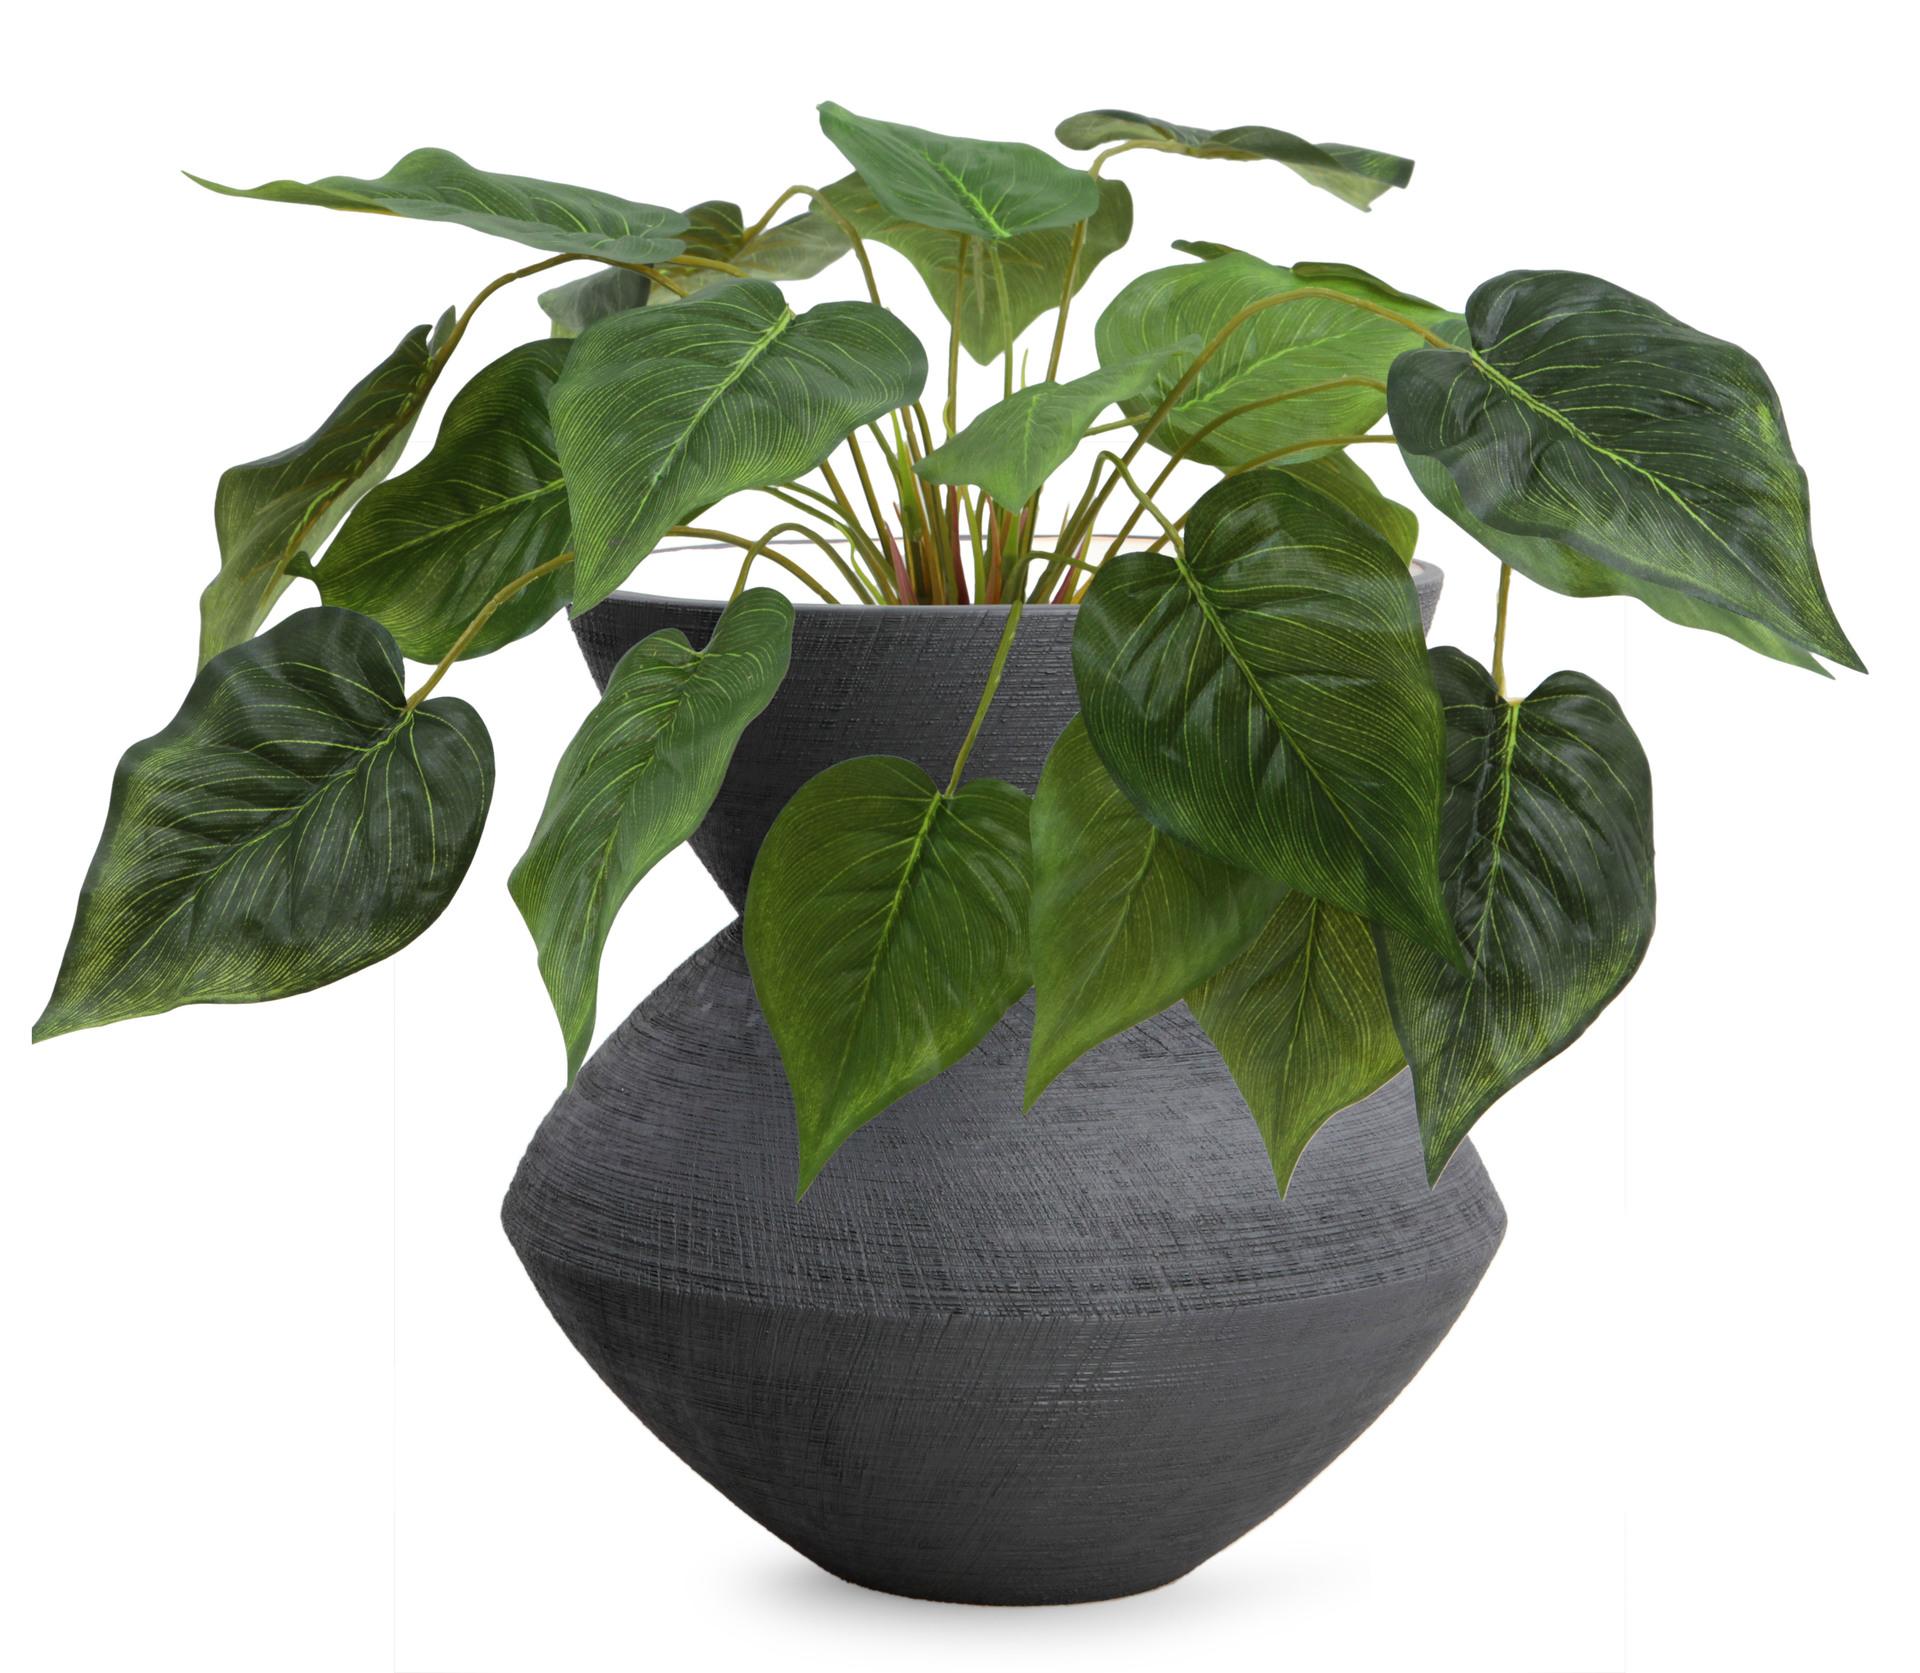 XL keramická váza, 27 cm, STONE CERAMICS